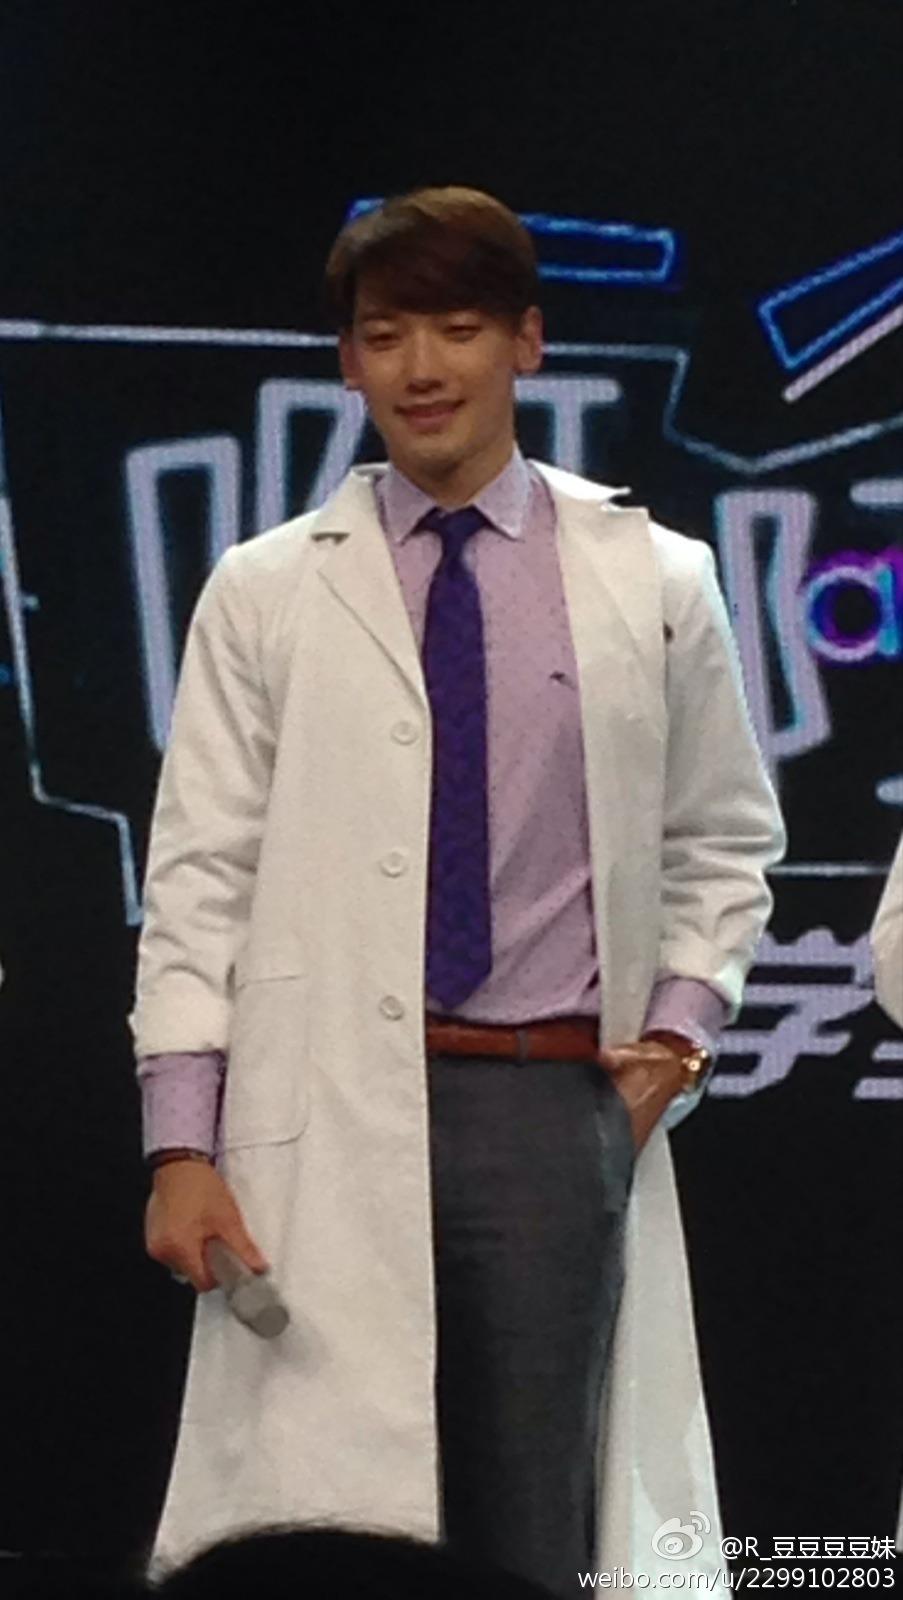 Rain中国のバラエティ番組撮影 白衣を着たり髪の毛をカットしたり_c0047605_8171443.jpg